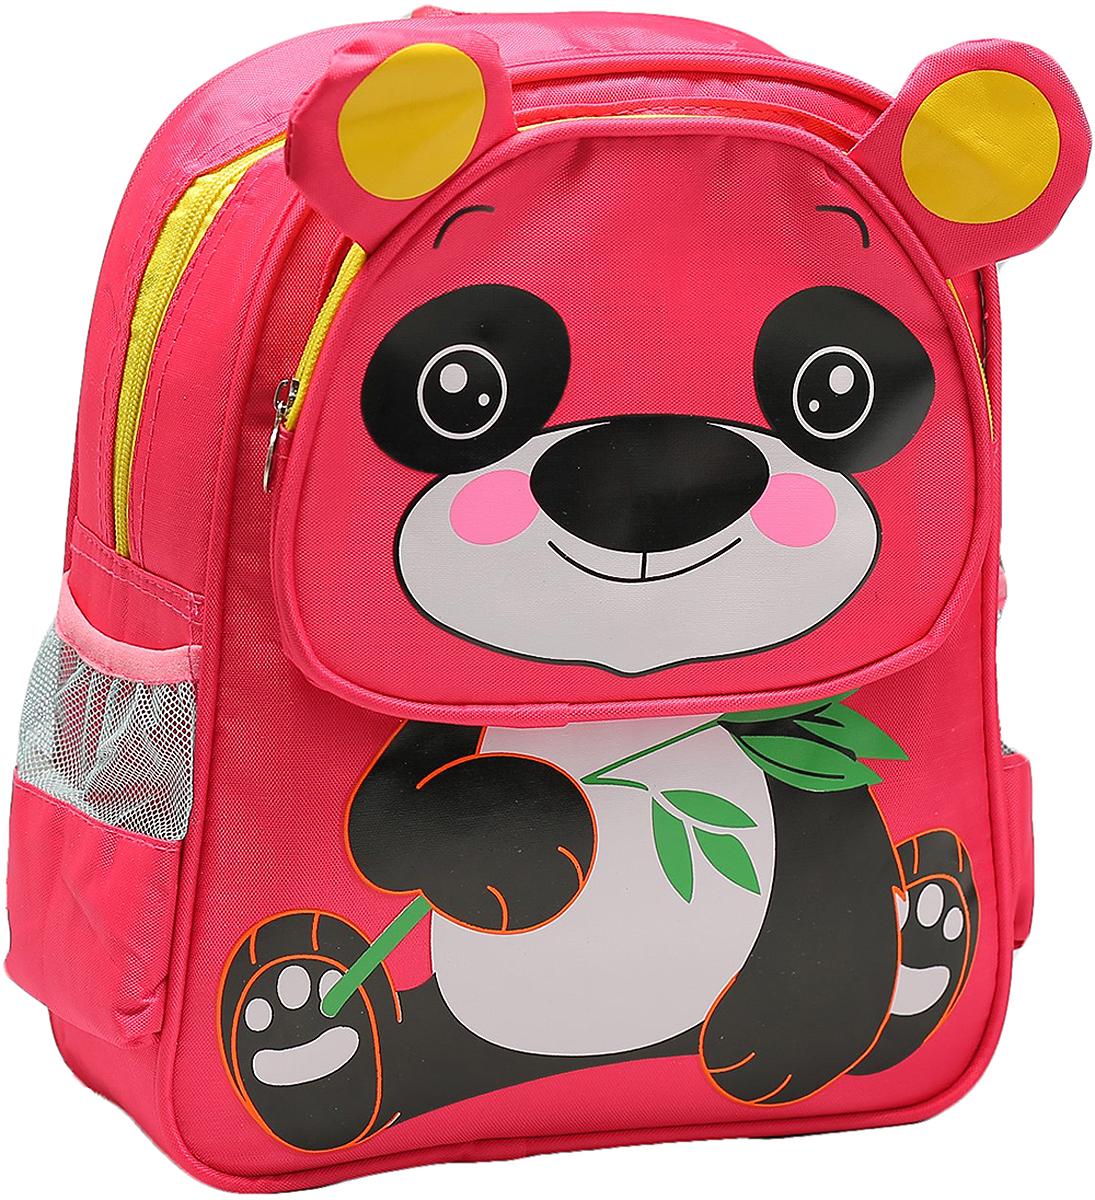 Рюкзак детский Панда цвет розовый 16611941661194Маленькие, казалось бы, незначительные элементы зачастую завершают, дополняют образ, подчеркивают статус, стиль и вкус своего обладателя. Рюкзак - одна из подобных деталей. Это вещь достойного качества, которая может стать прекрасным подарком по любому поводу.